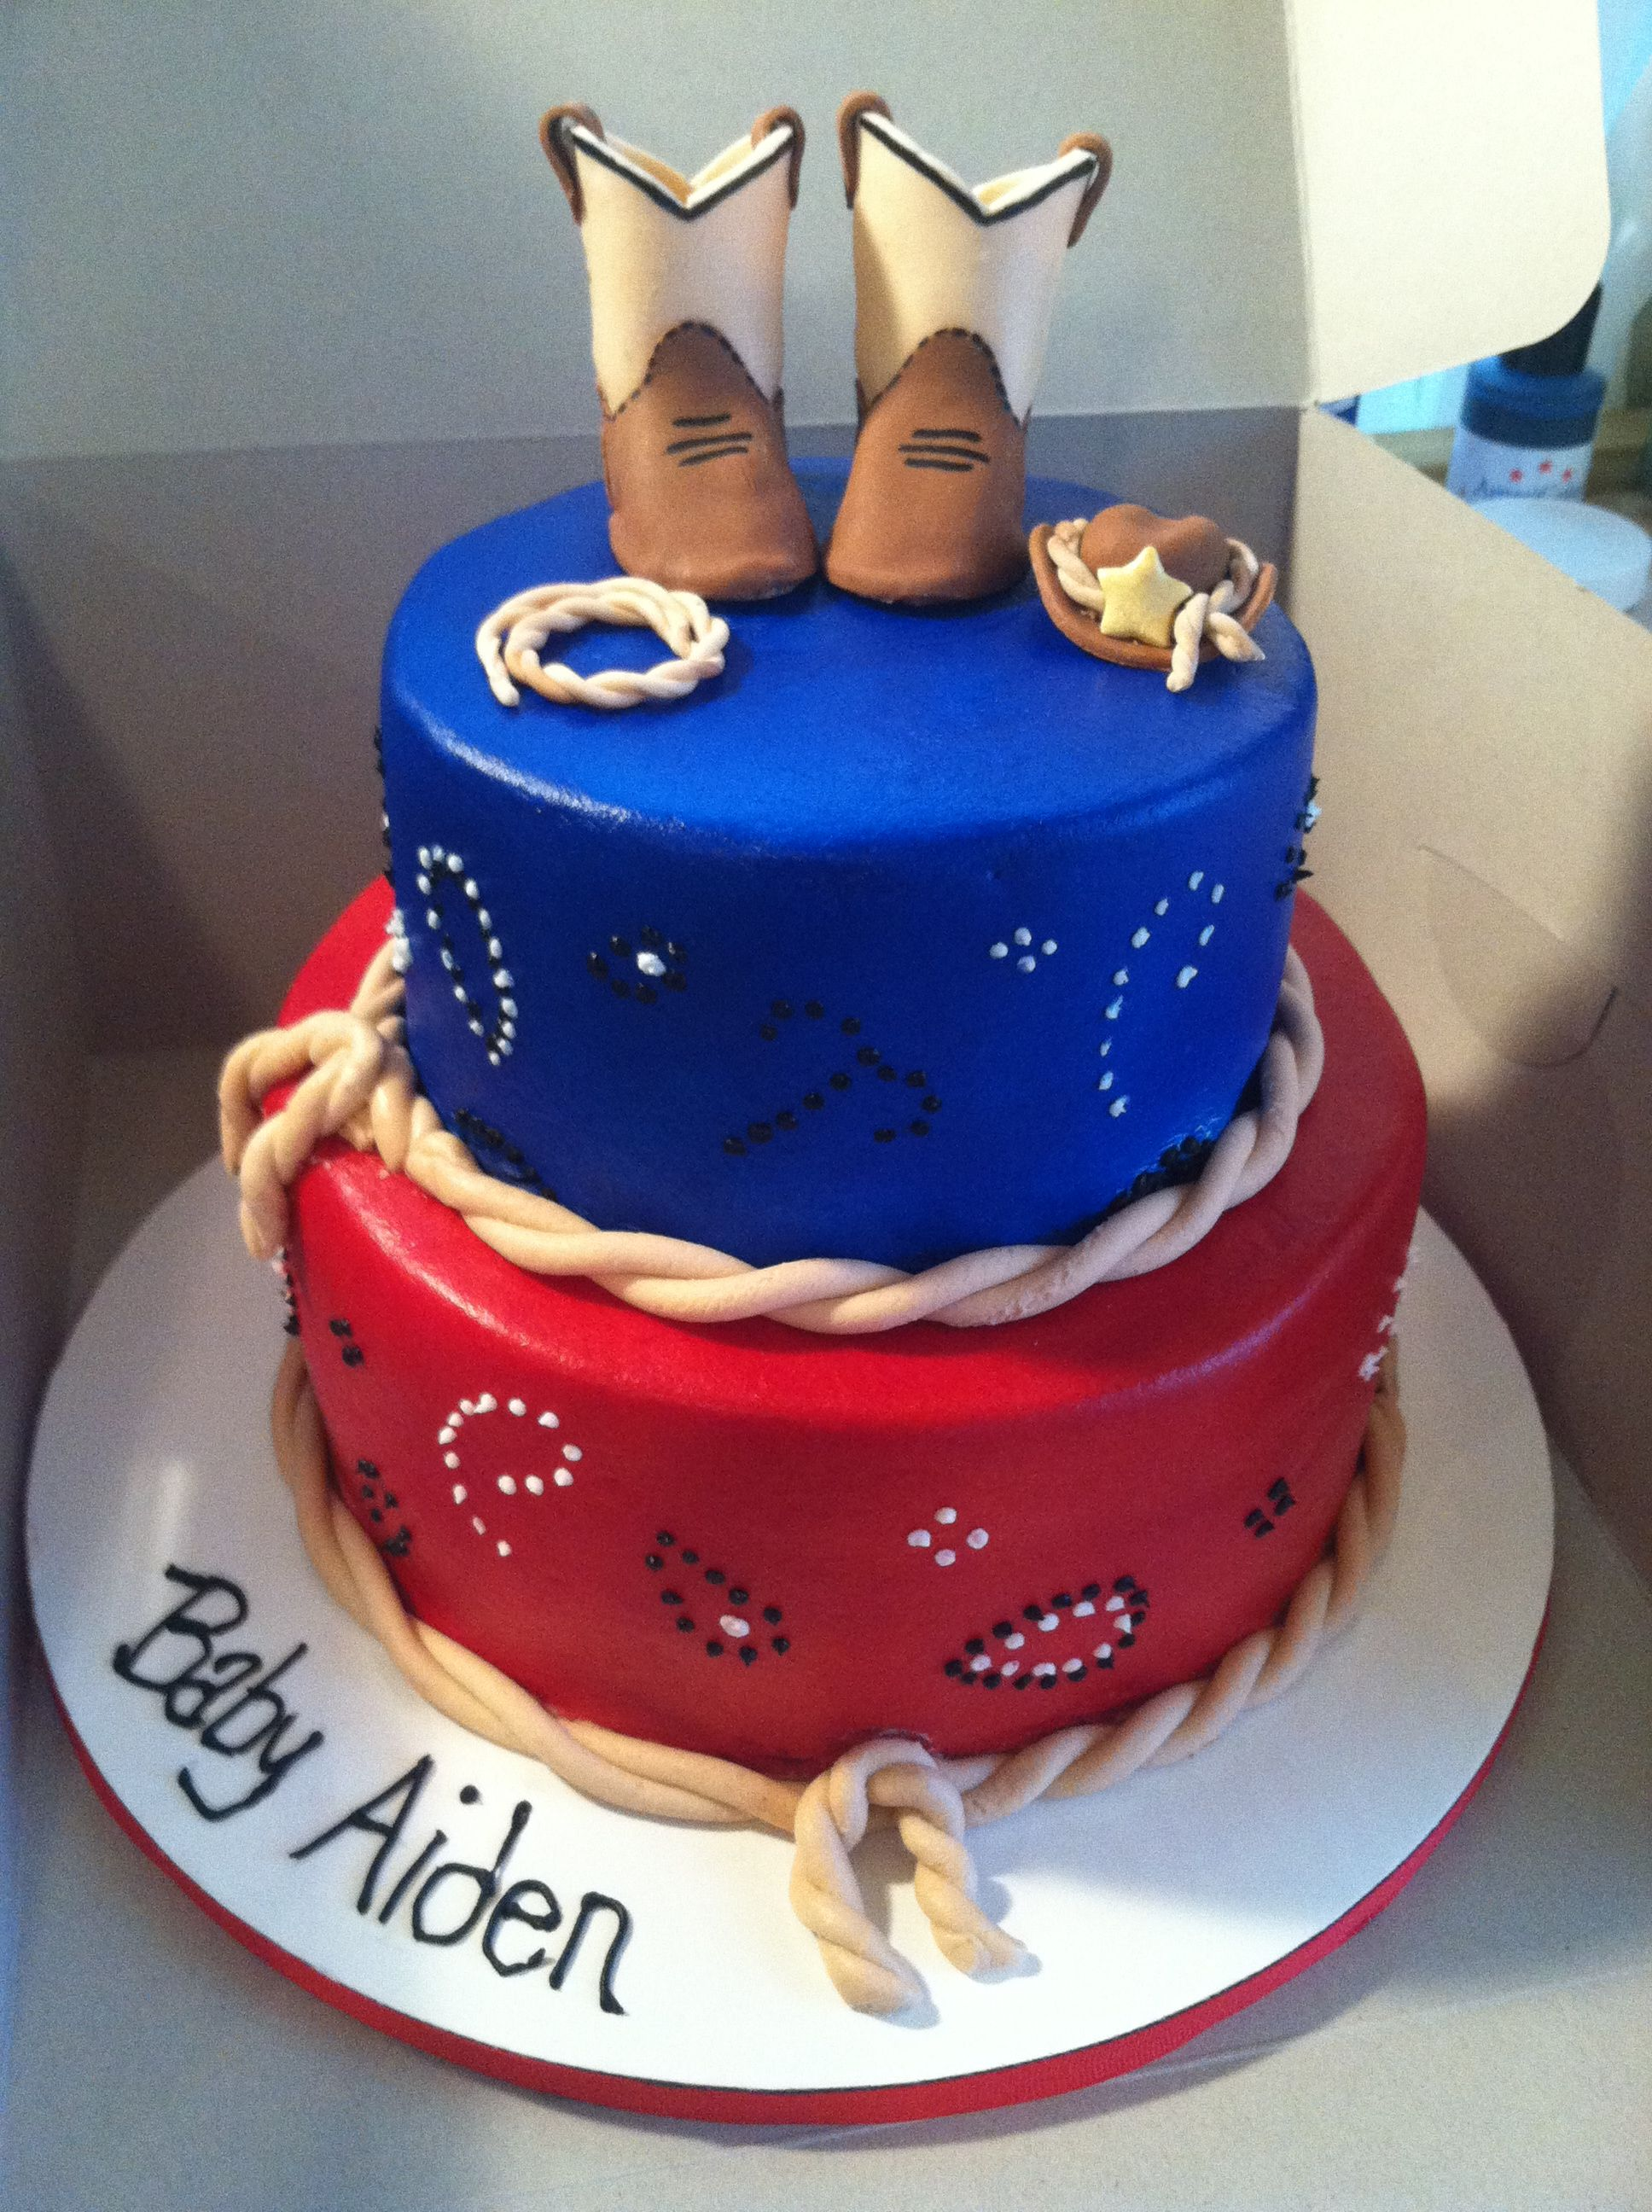 Cowboy Baby Shower Cake. Www.sweetcakesbytoni.com